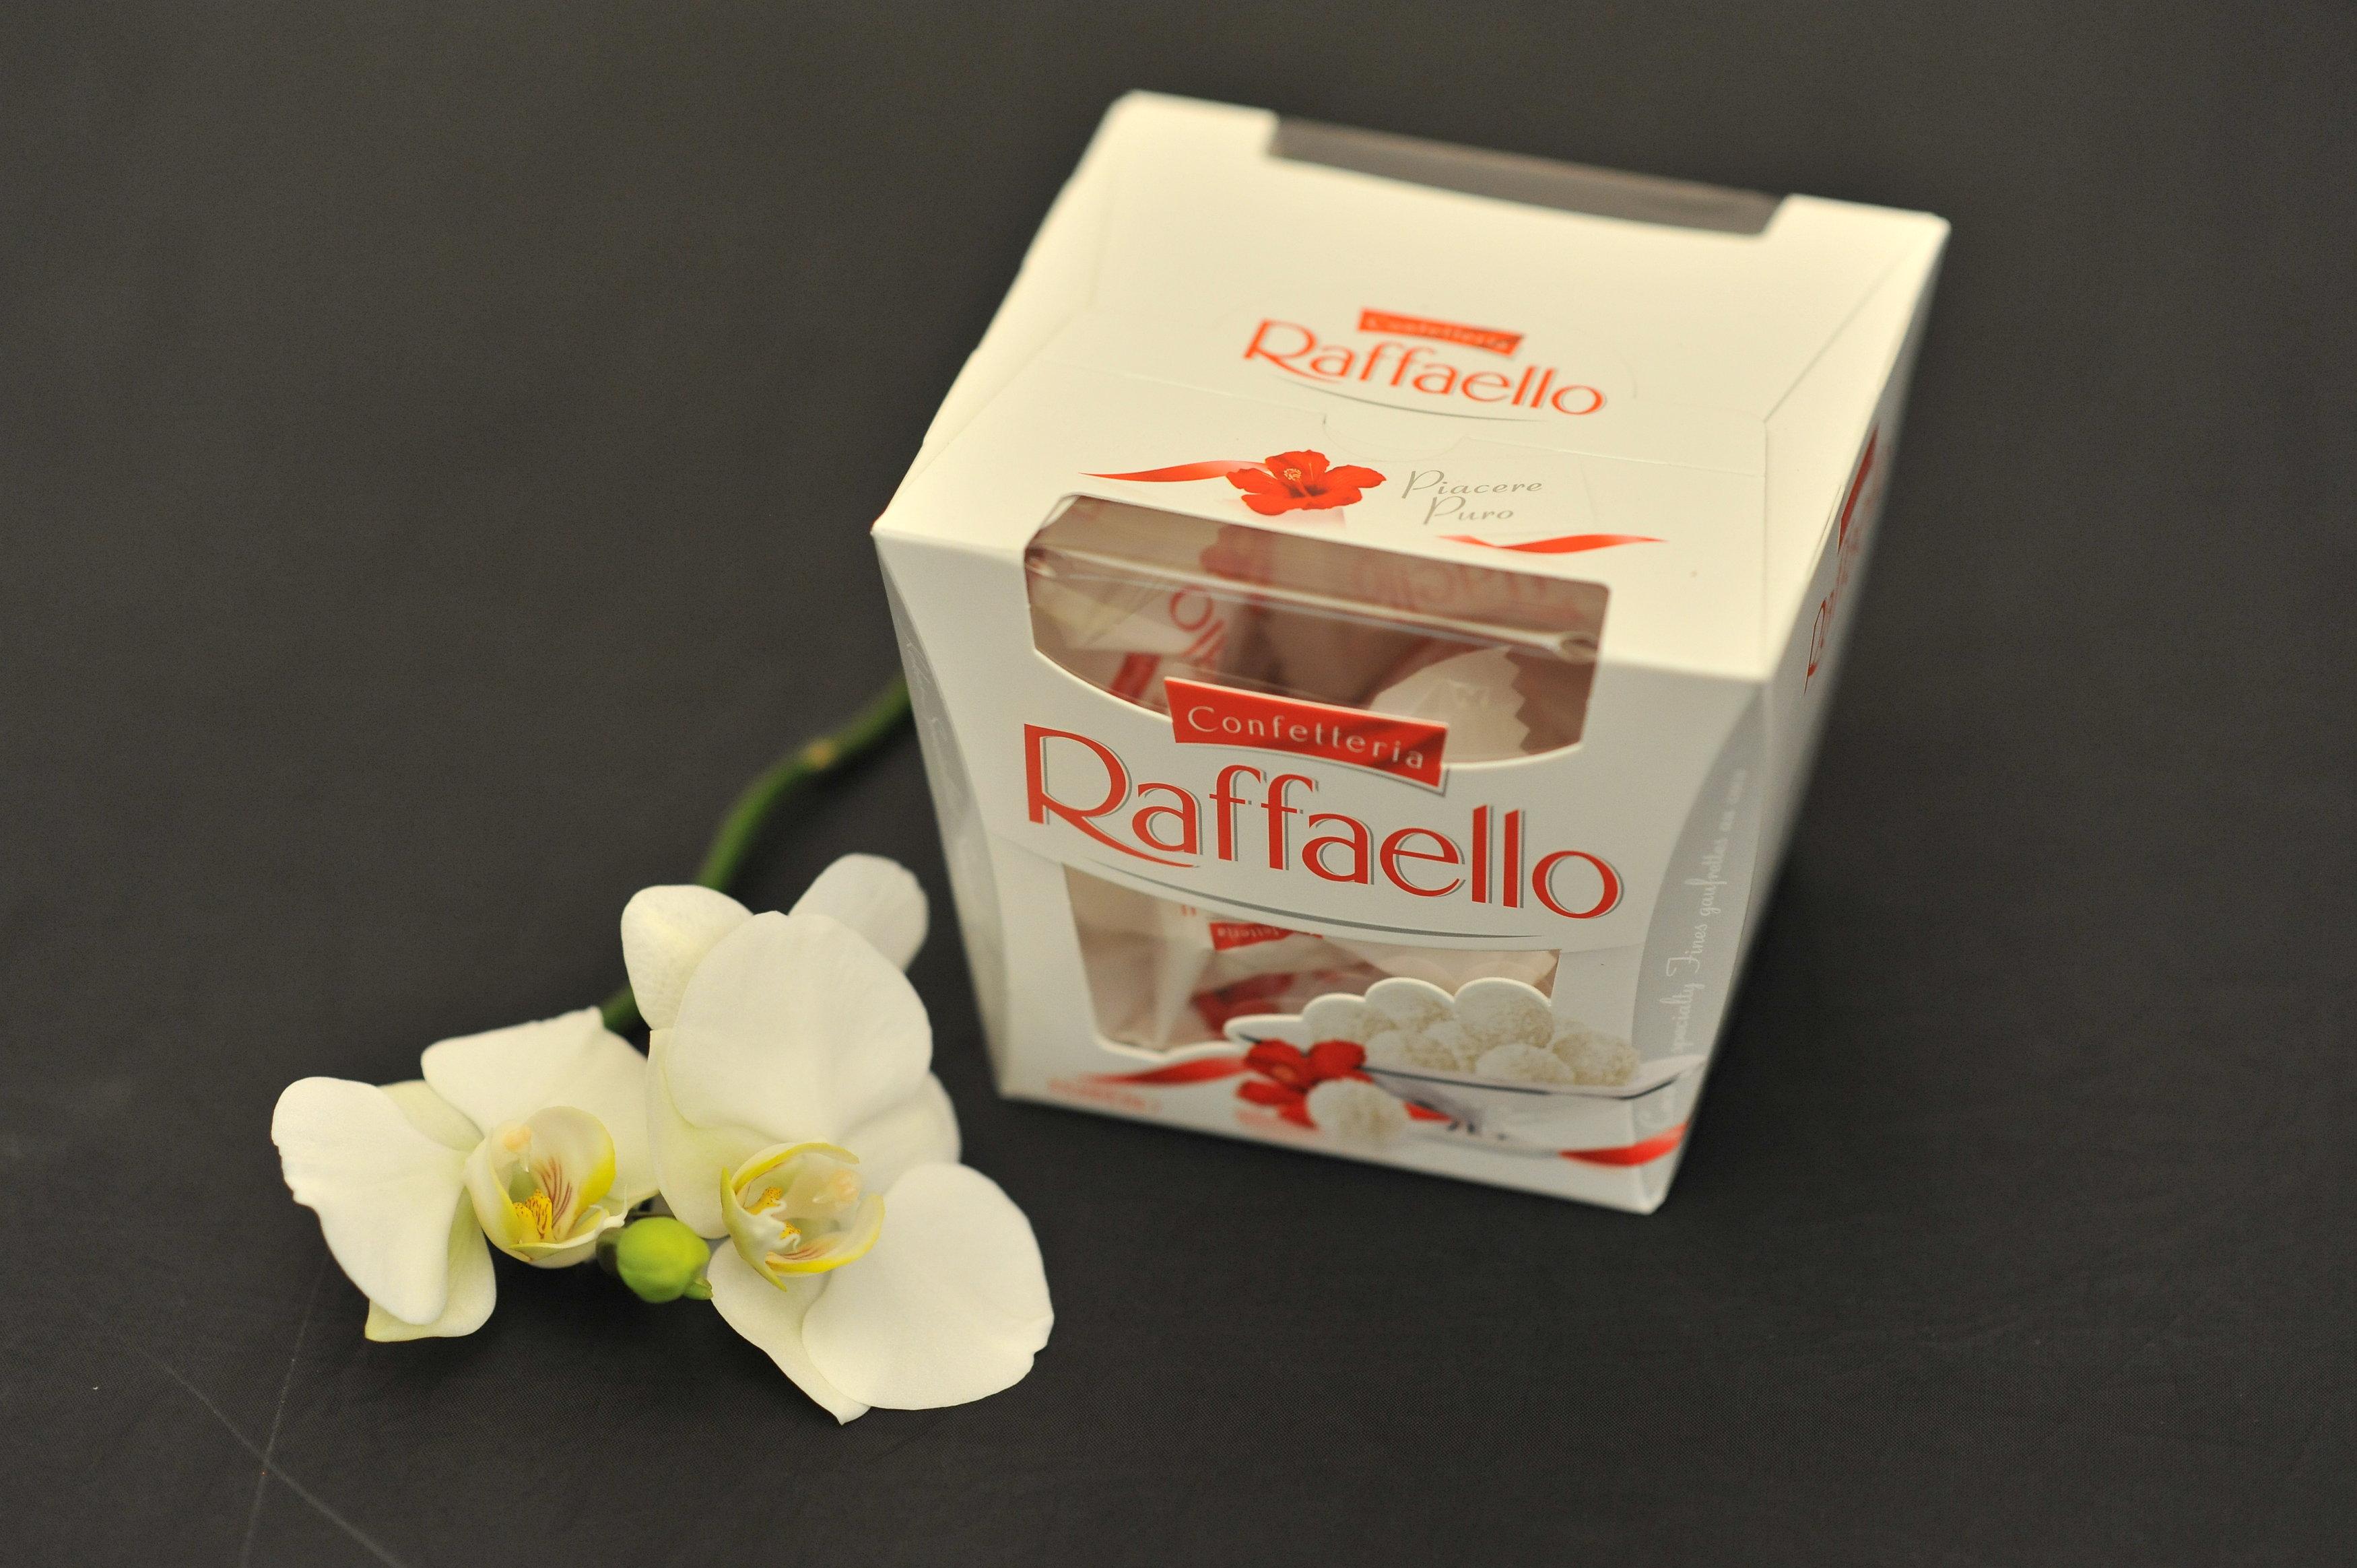 Raffaello + orchid